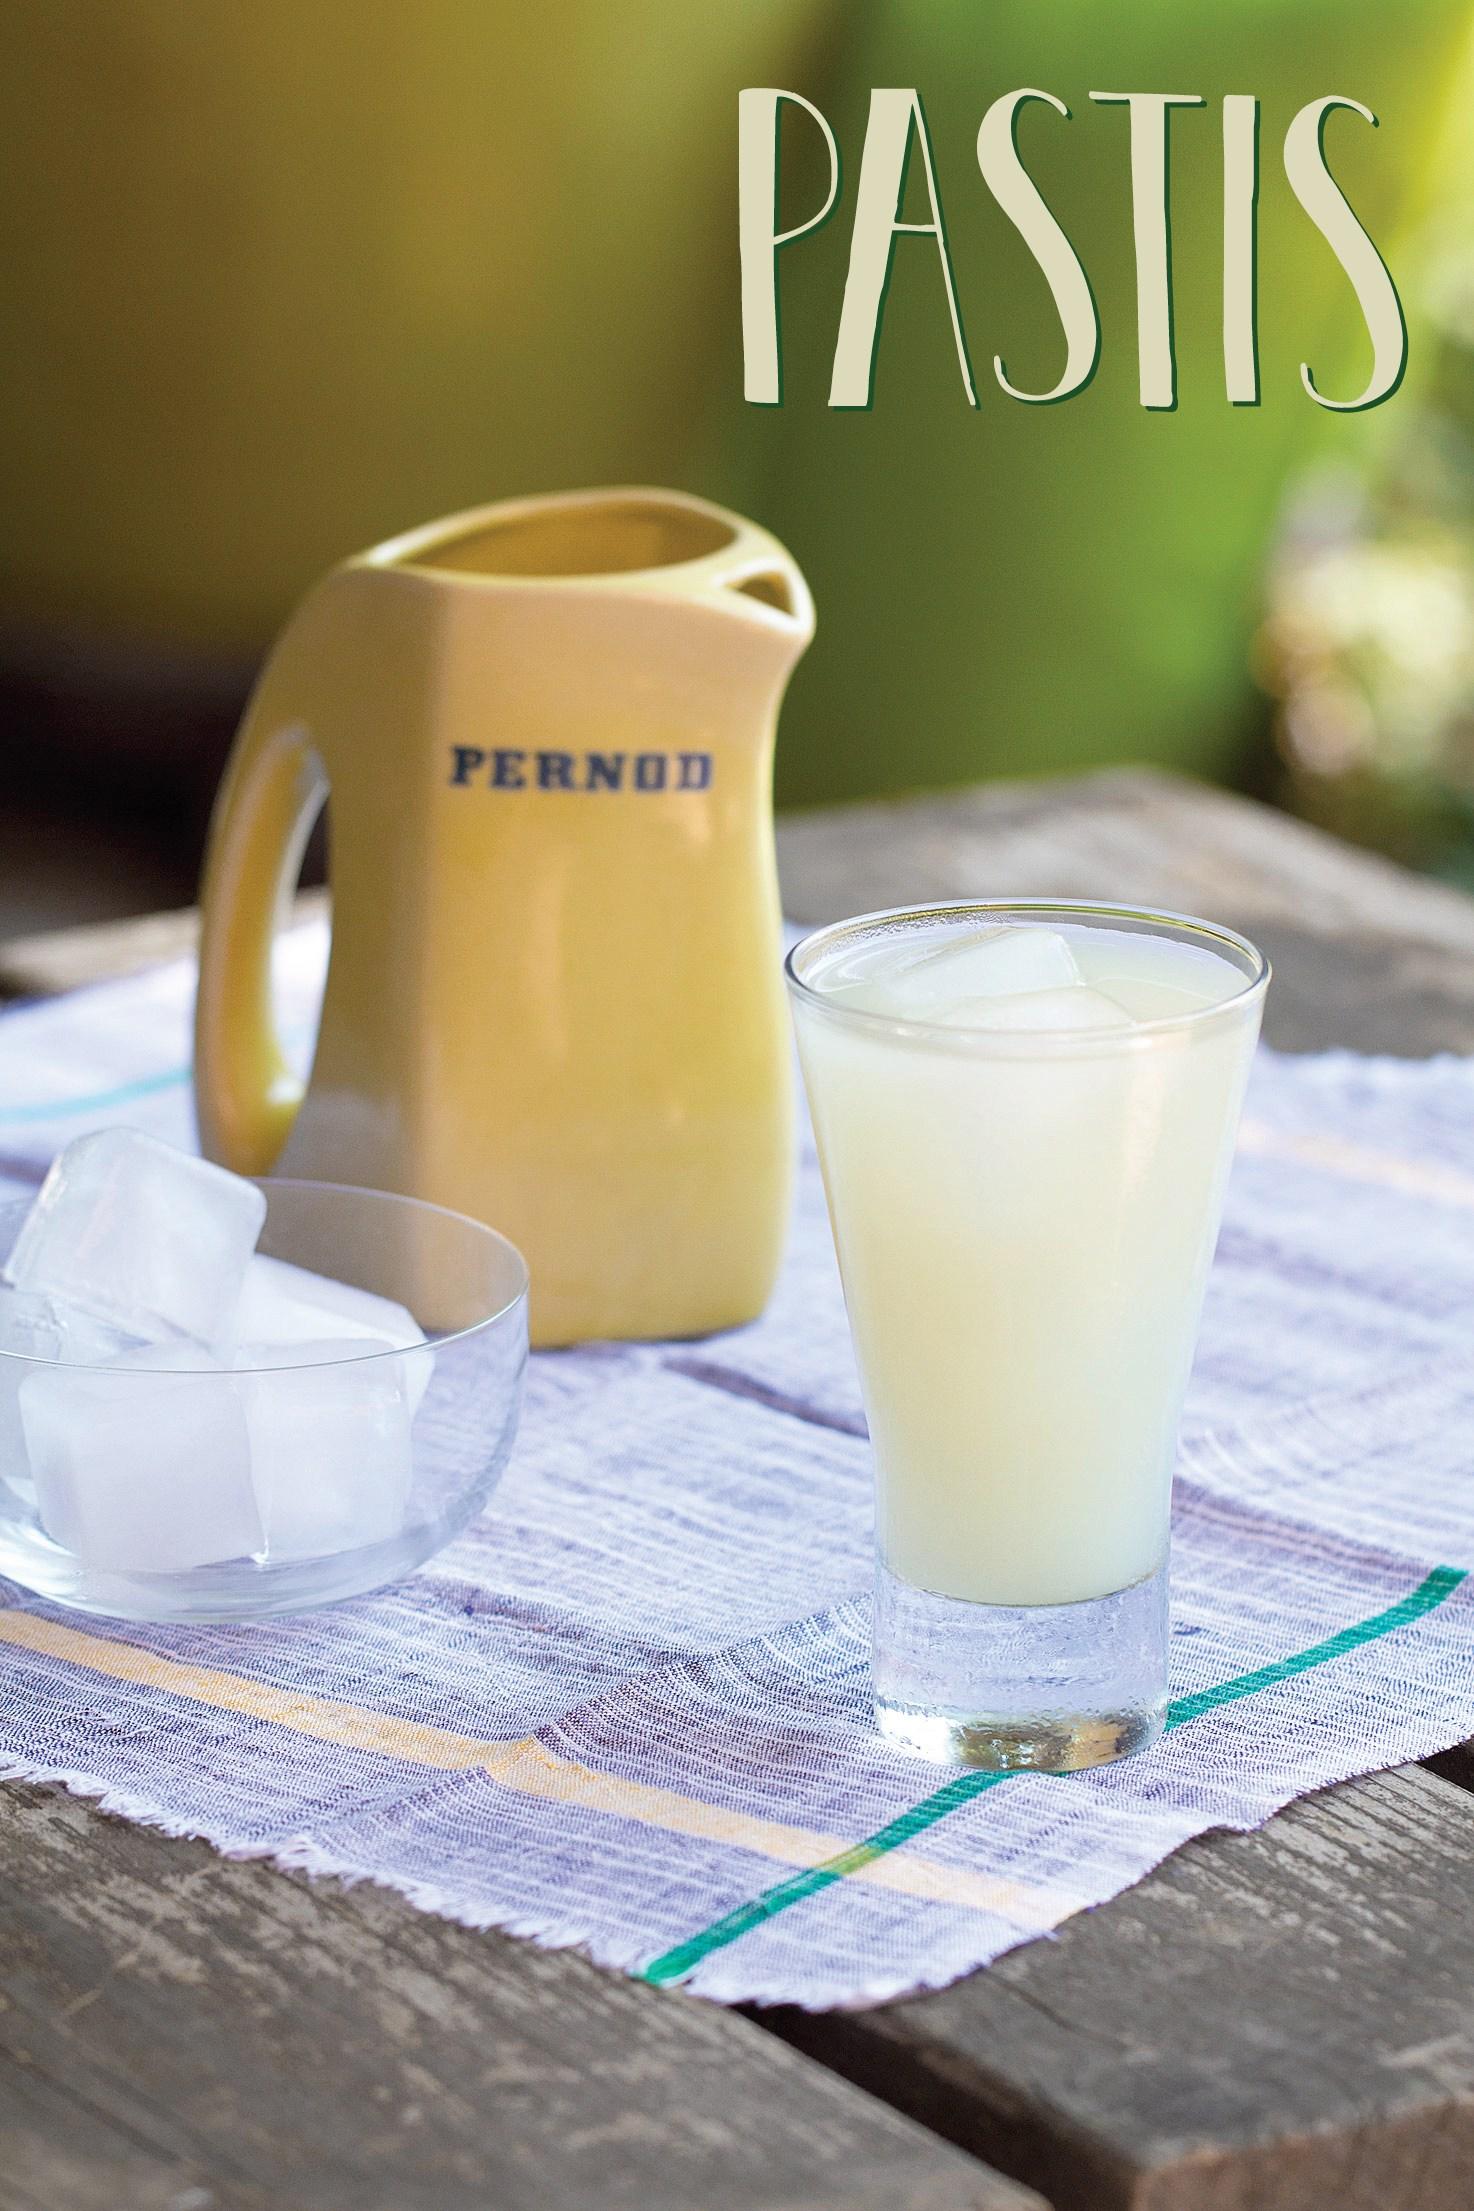 Пастис. Второй по популярности алкогольный напиток Франции.